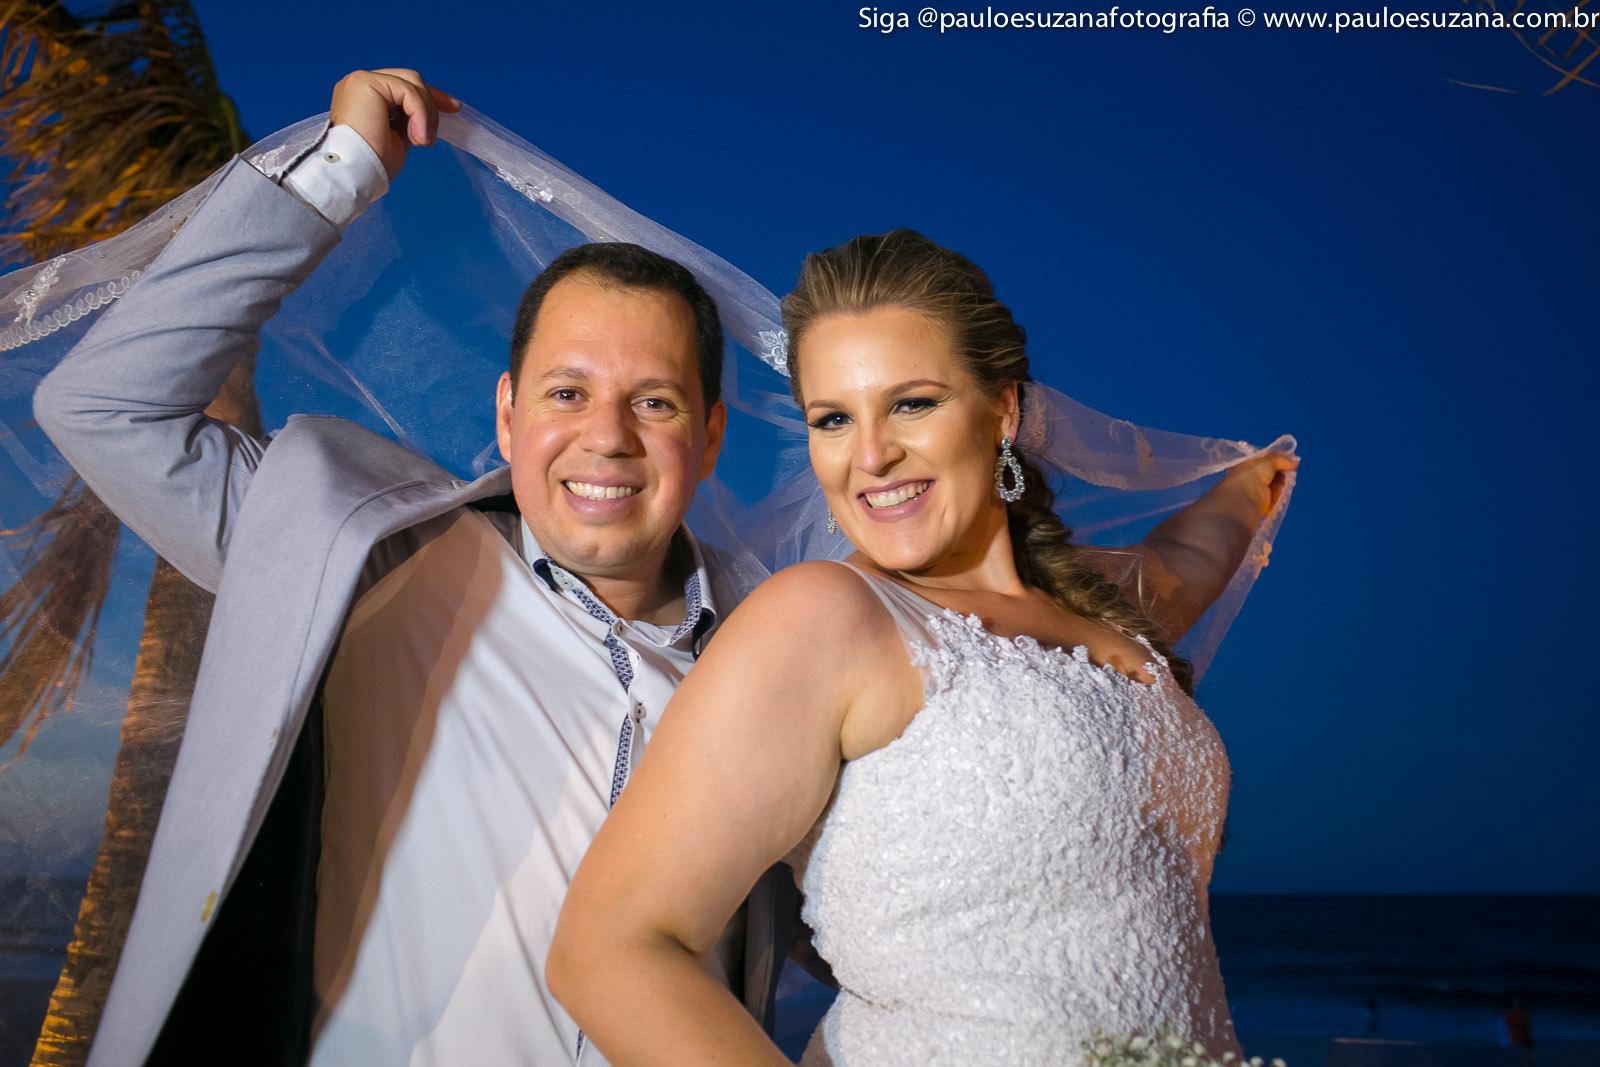 Foto: Paulo & Suzana Figueiredo Fotografia